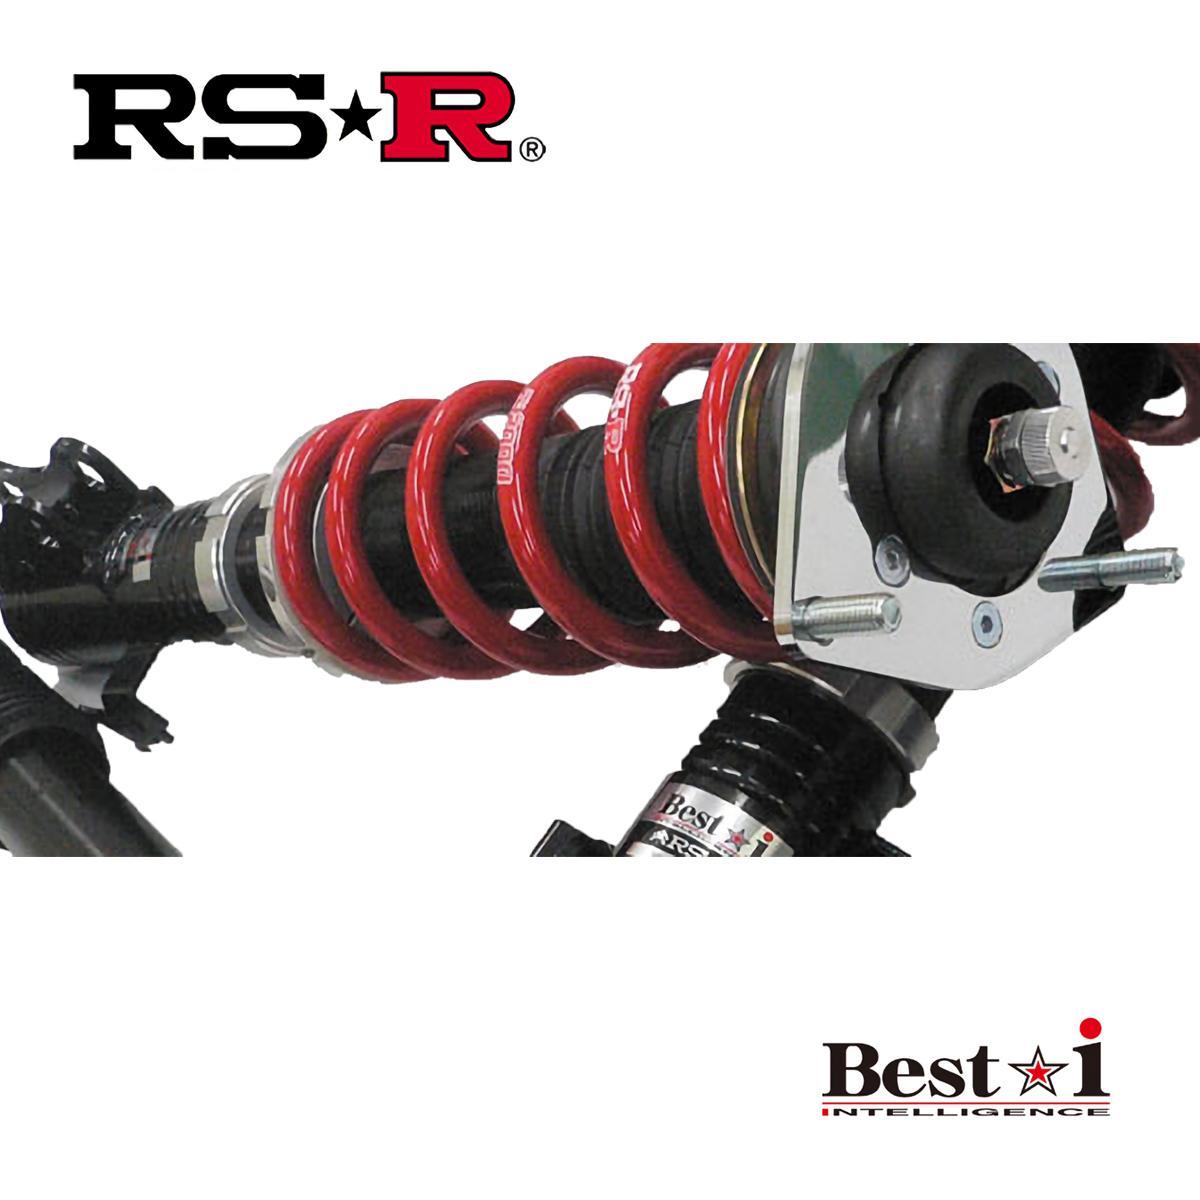 RS-R ヴェルファイア 2.5Z AGH35W 車高調 リア車高調整:ネジ式 BIT945M ベストi RSR 個人宅発送追金有